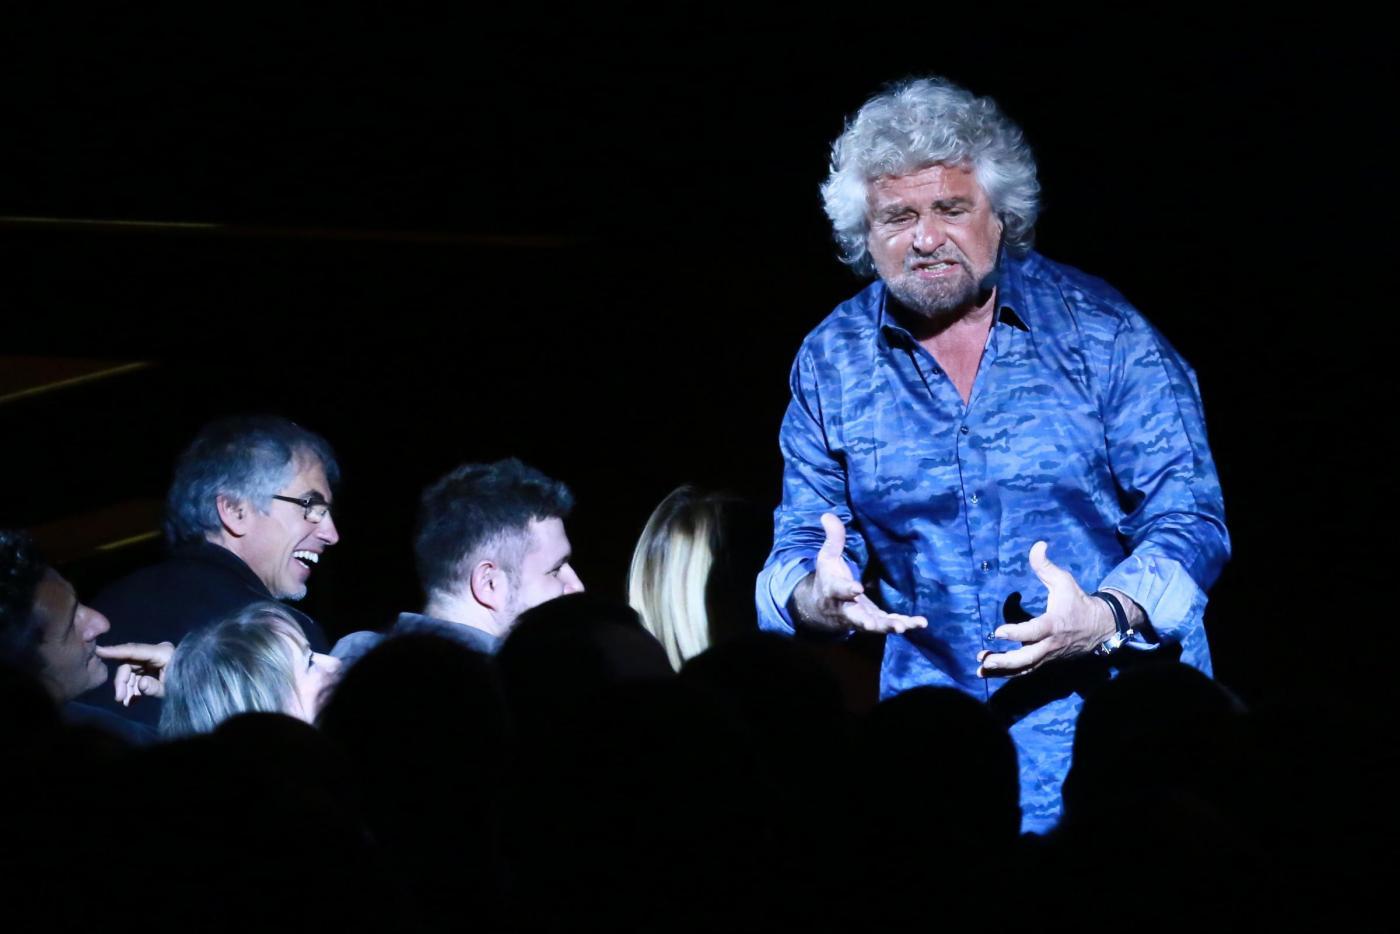 Beppe Grillo, battutaccia sul nuovo sindaco musulmano di Londra